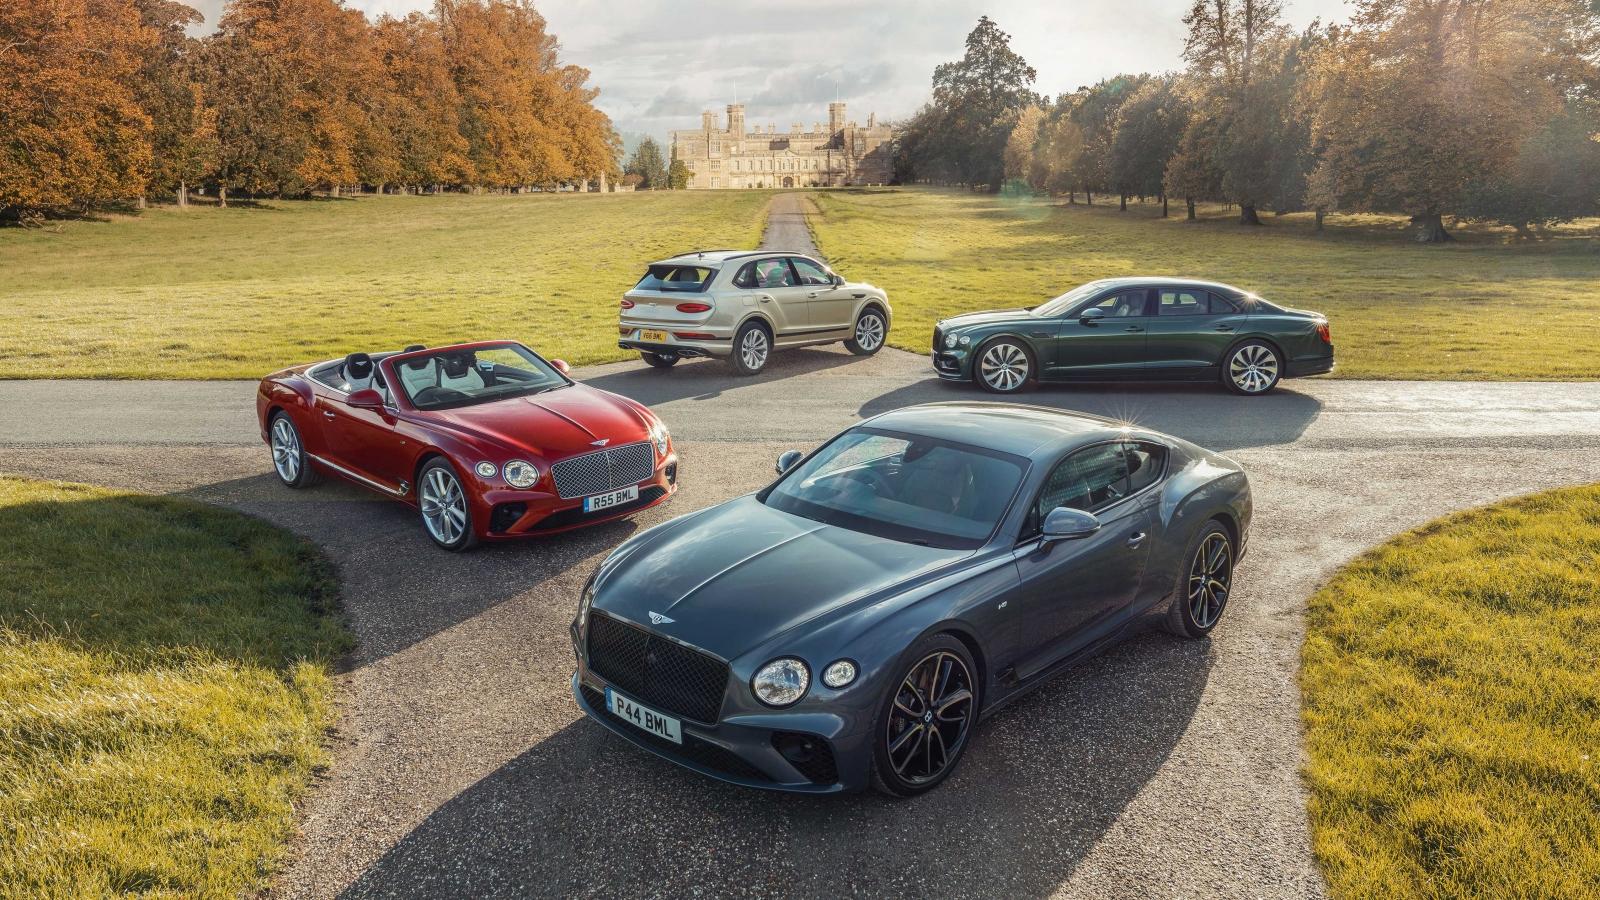 Bất chấp Covid-19, Bentley vẫn đạt doanh số kỷ lục trong nửa đầu năm 2021